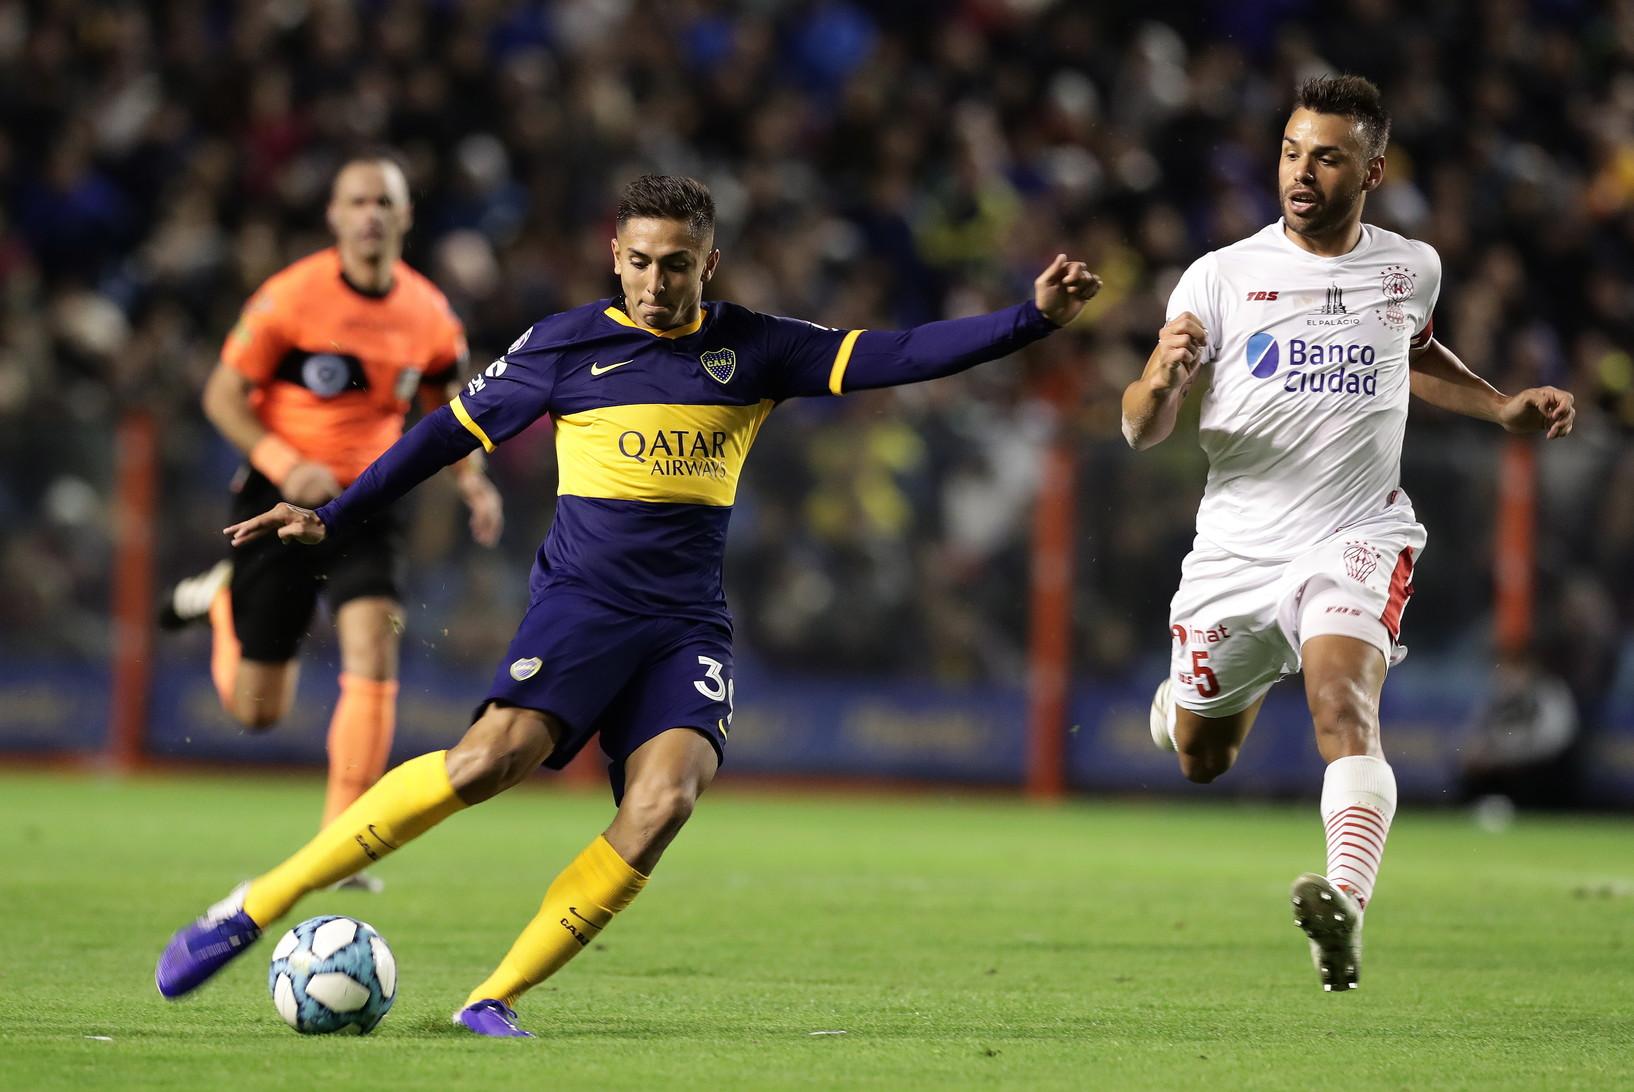 Agustin ALMENDRA(Boca Juniors, 11 febbraio): centrocampista centrale argentino (nazionale Under 20), già seguito da Napoli e Roma.